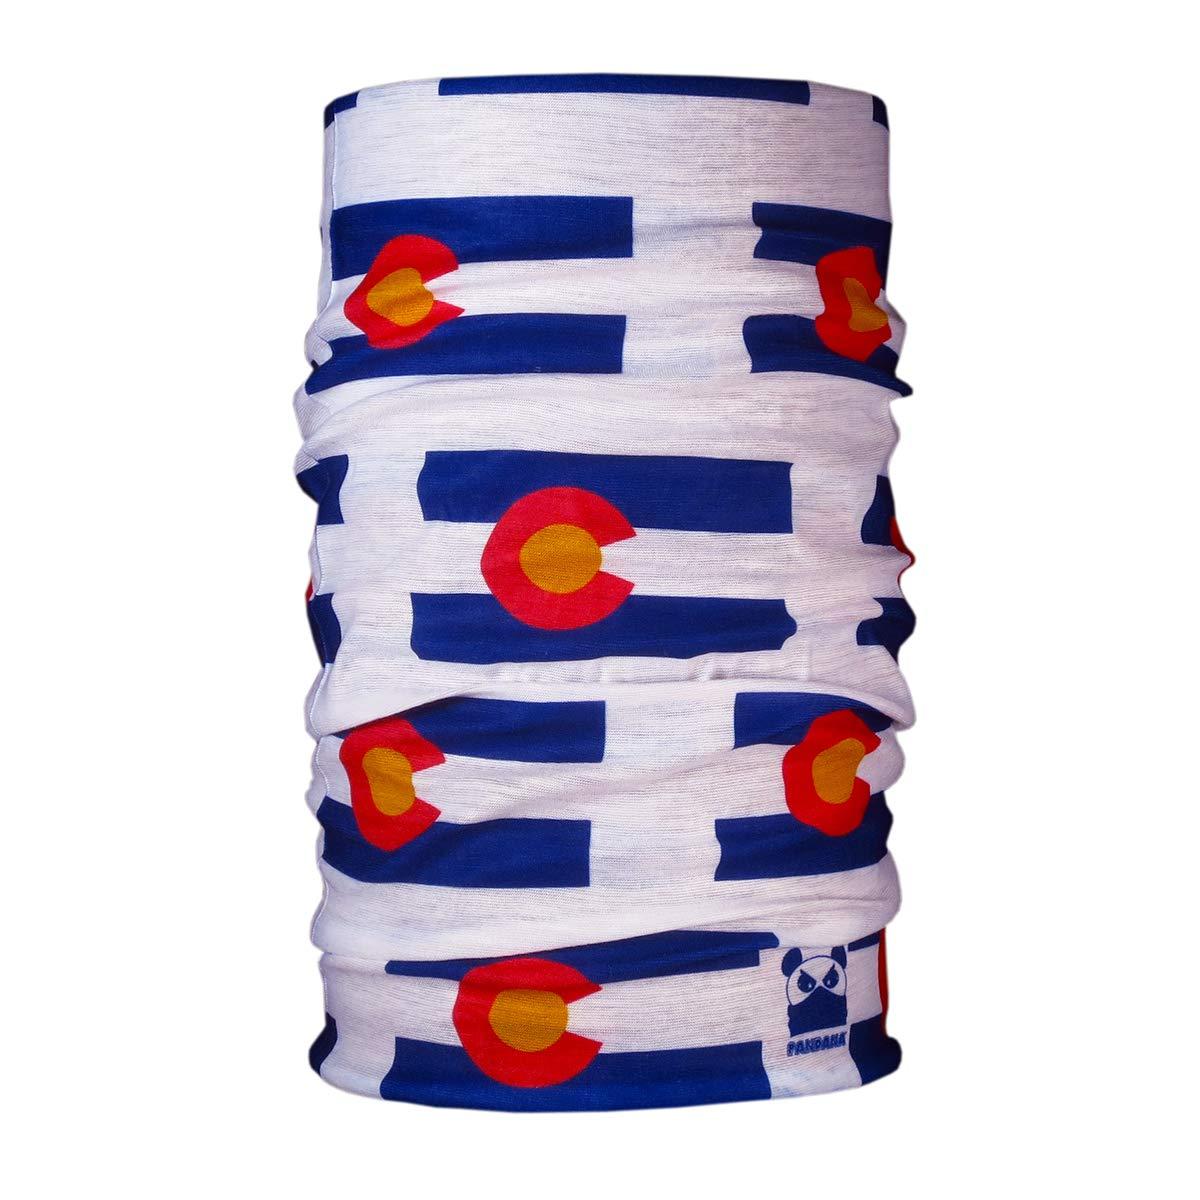 Colorado Flag Pandana Seamless Bandana Balaclava Double Layer SPF 50+ Sun Protection Neck Gaiter Facemask Headband PAN-015